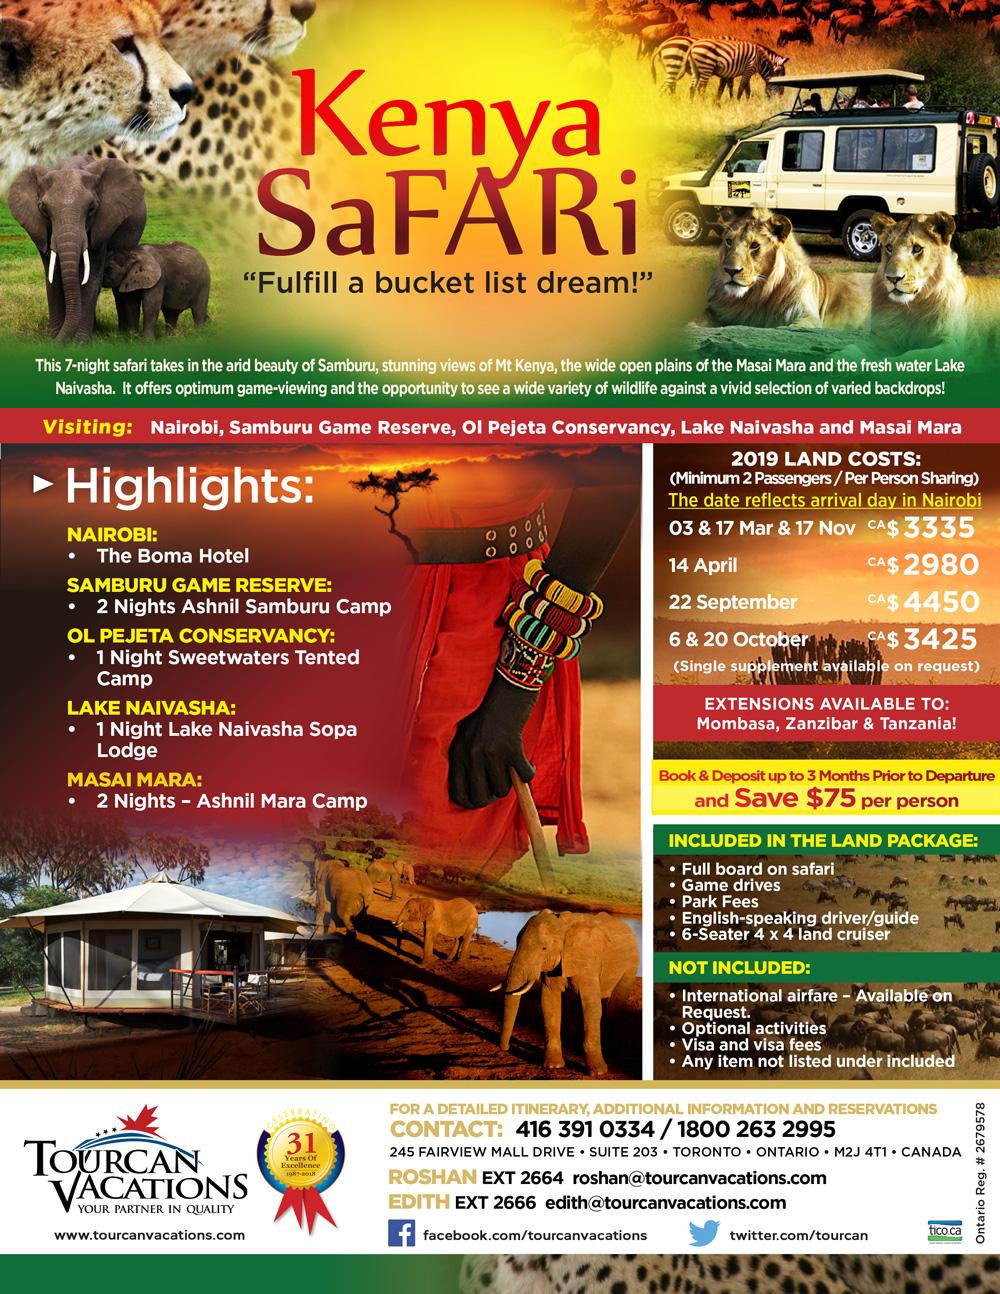 tourcan-2019-promo-africa-kenya-safari-WEB-rev1